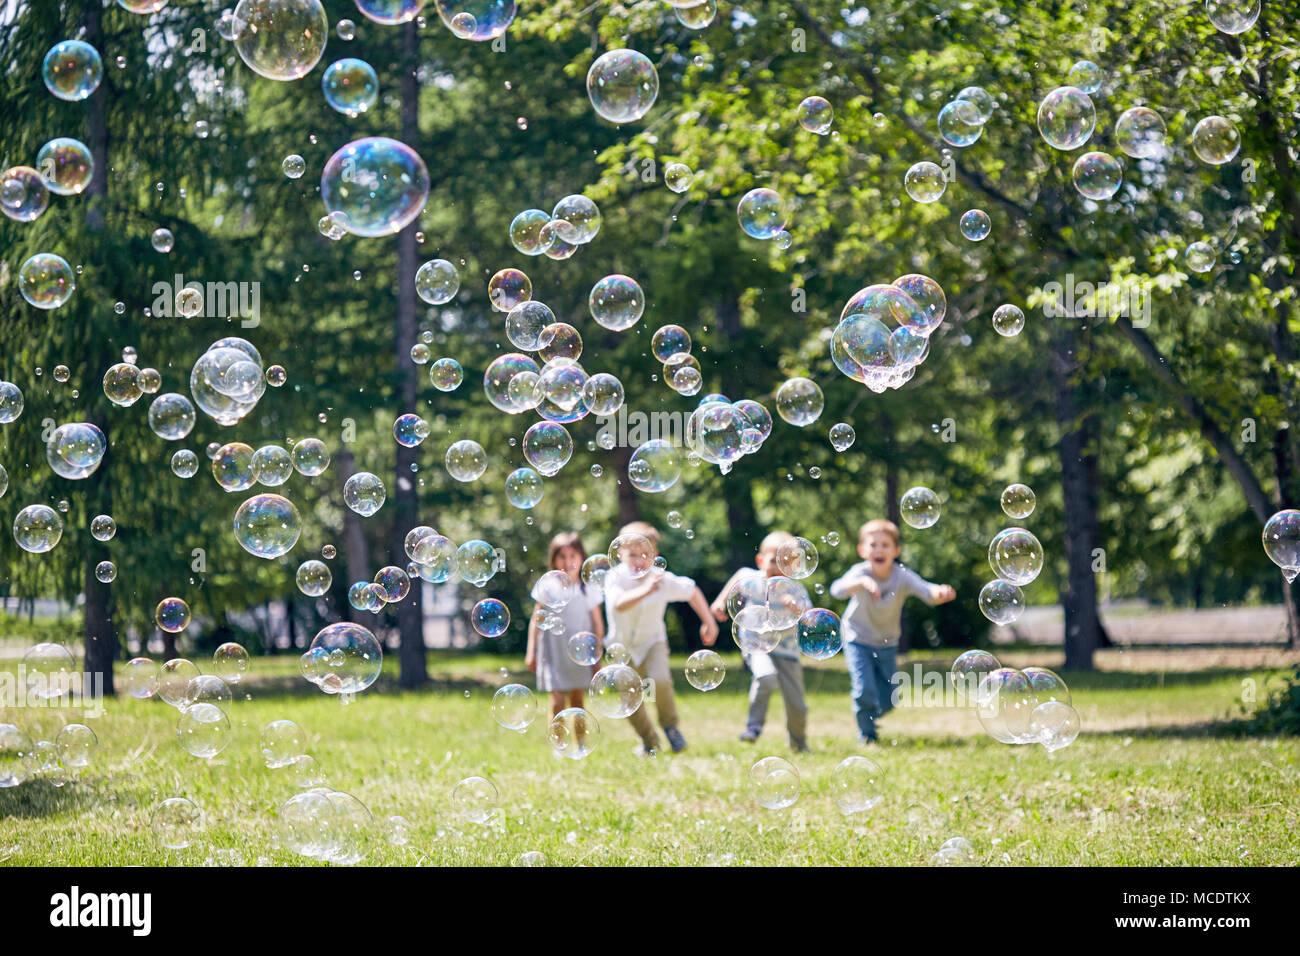 Jouer des jeux actifs à l'extérieur Photo Stock